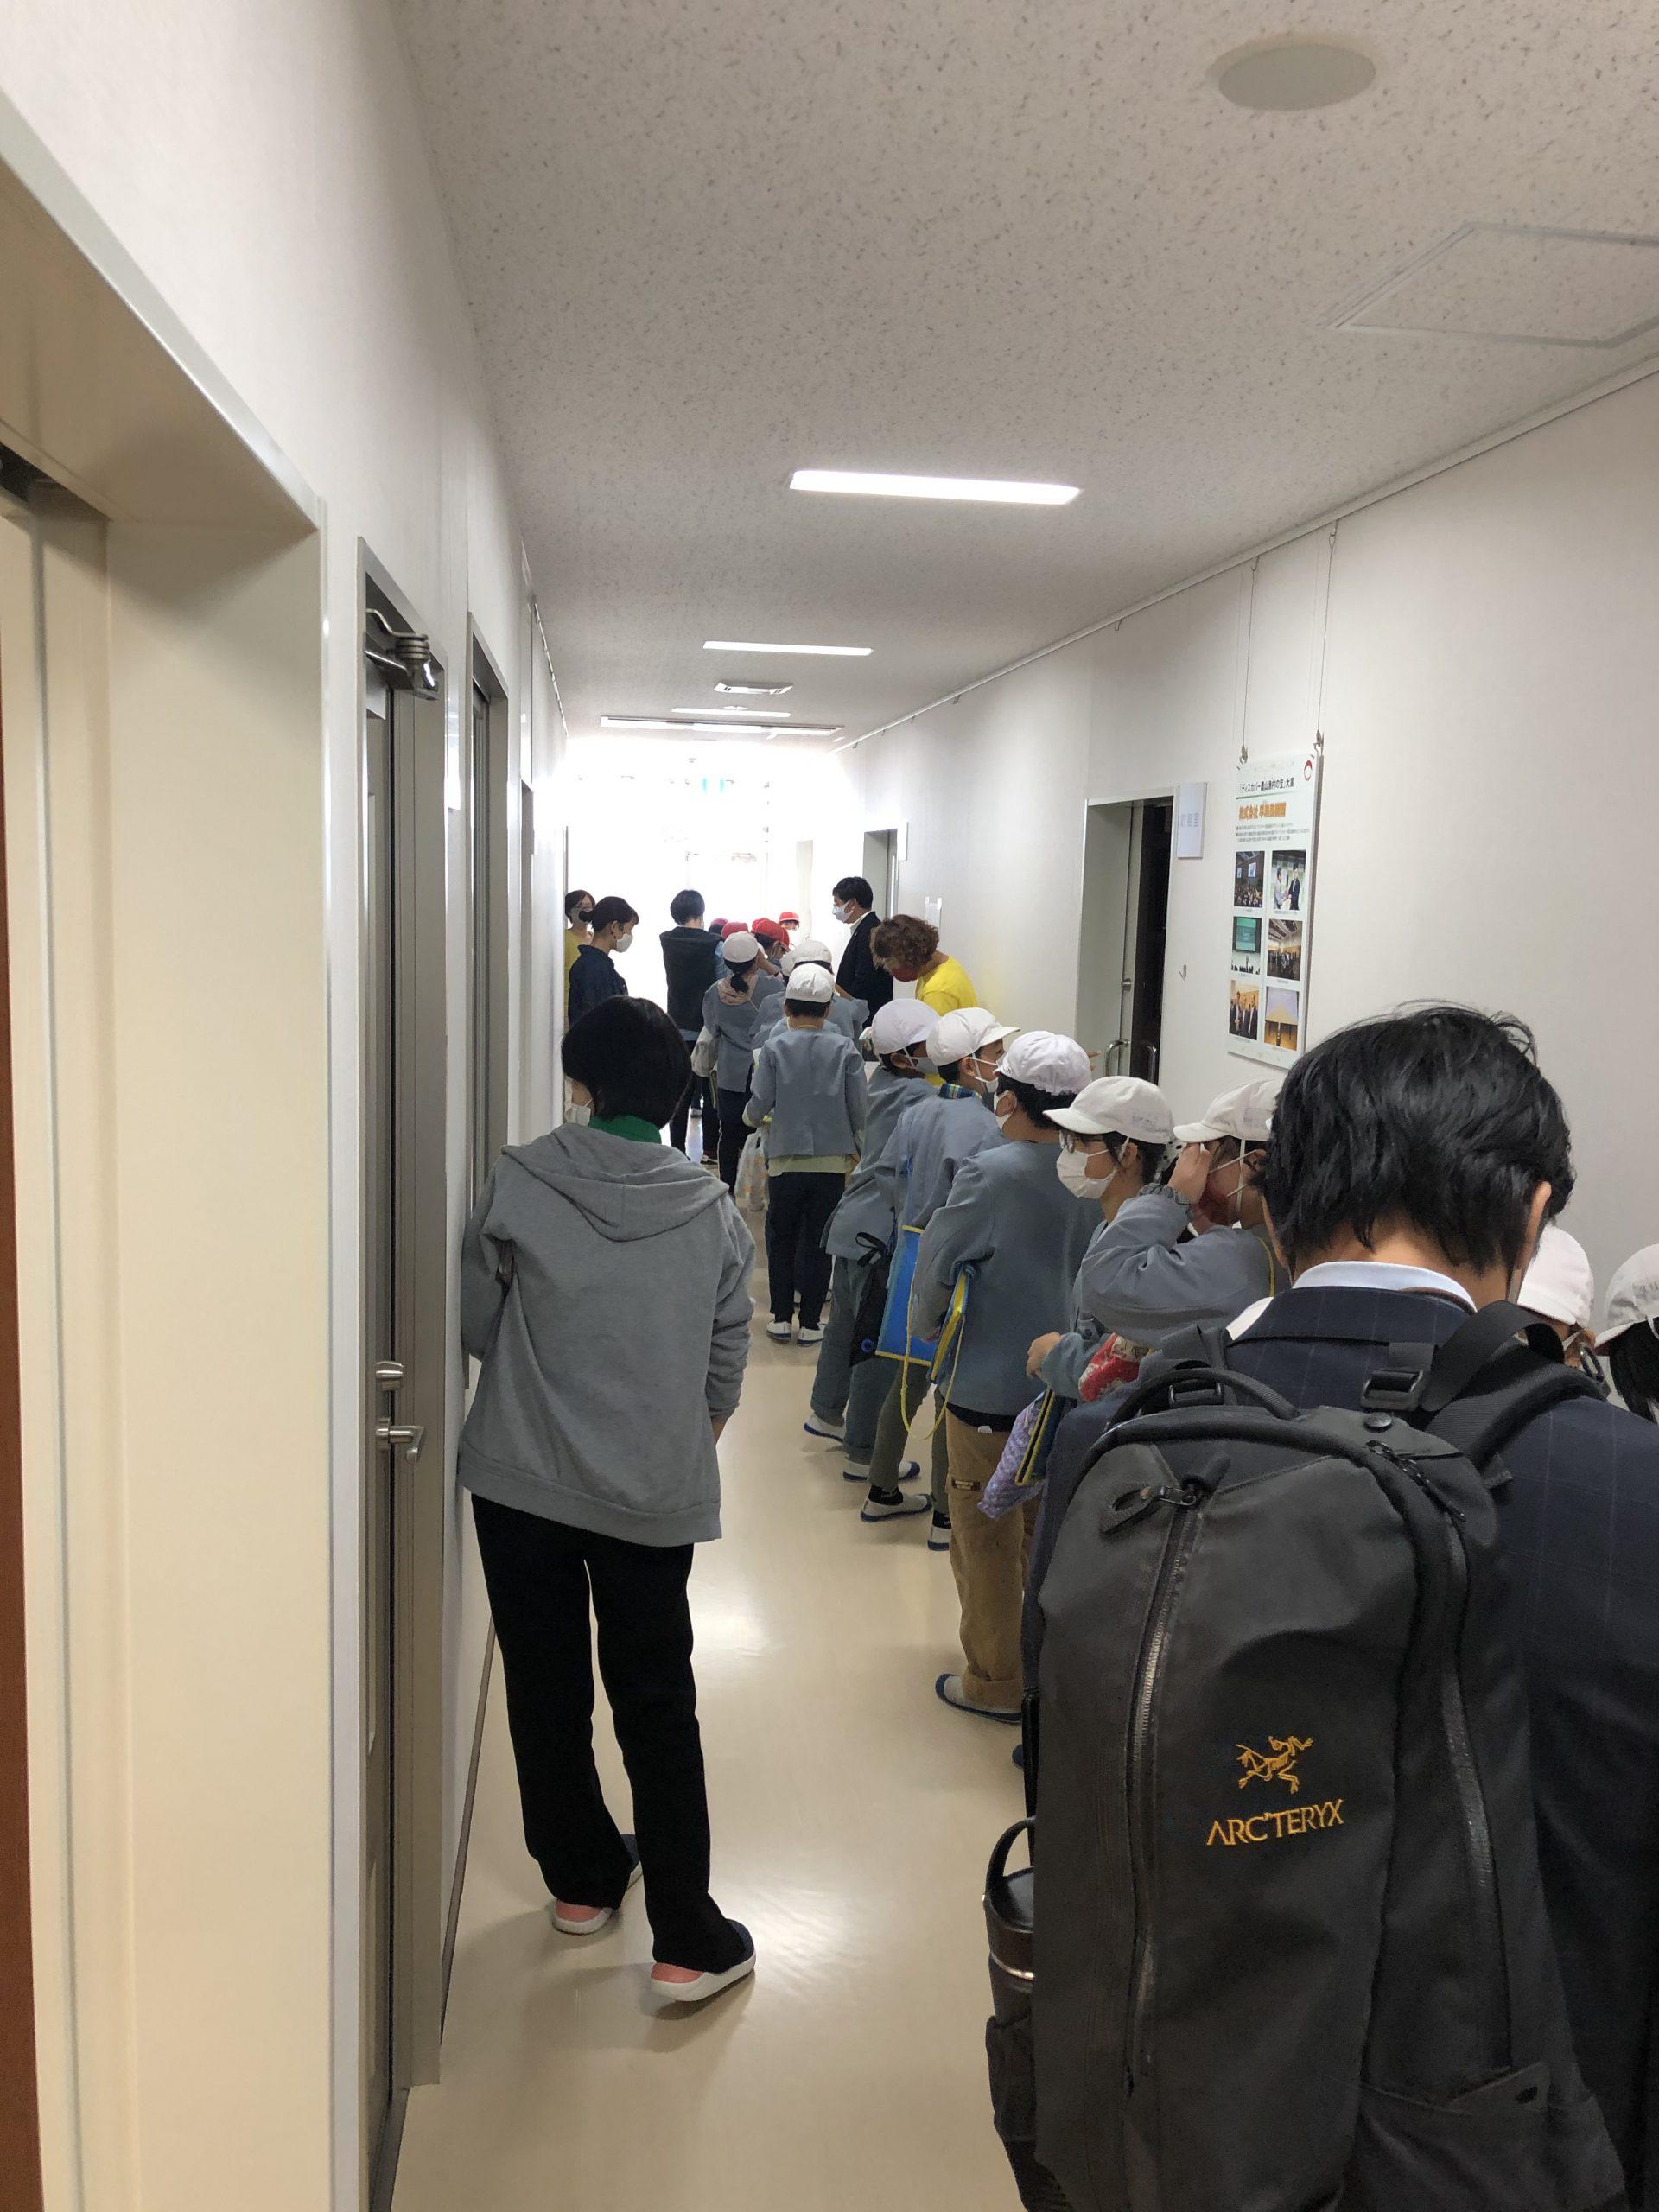 3階大会議室へ続く廊下に、一列に並んで入室する様子。